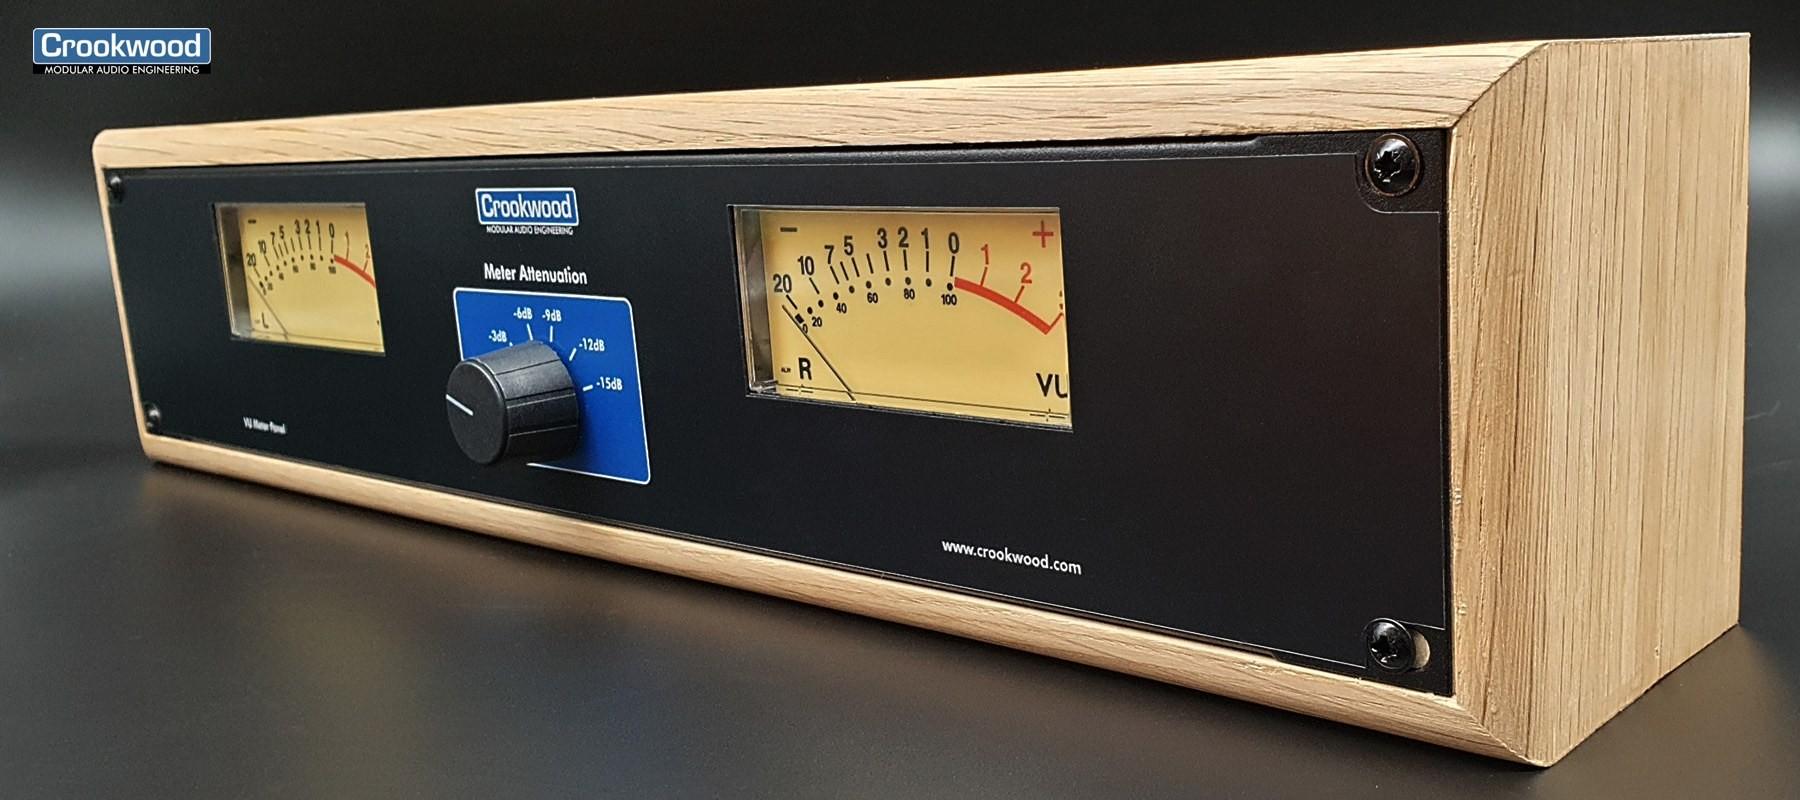 Crookwwod Stereo Vu meteravec rack en bois